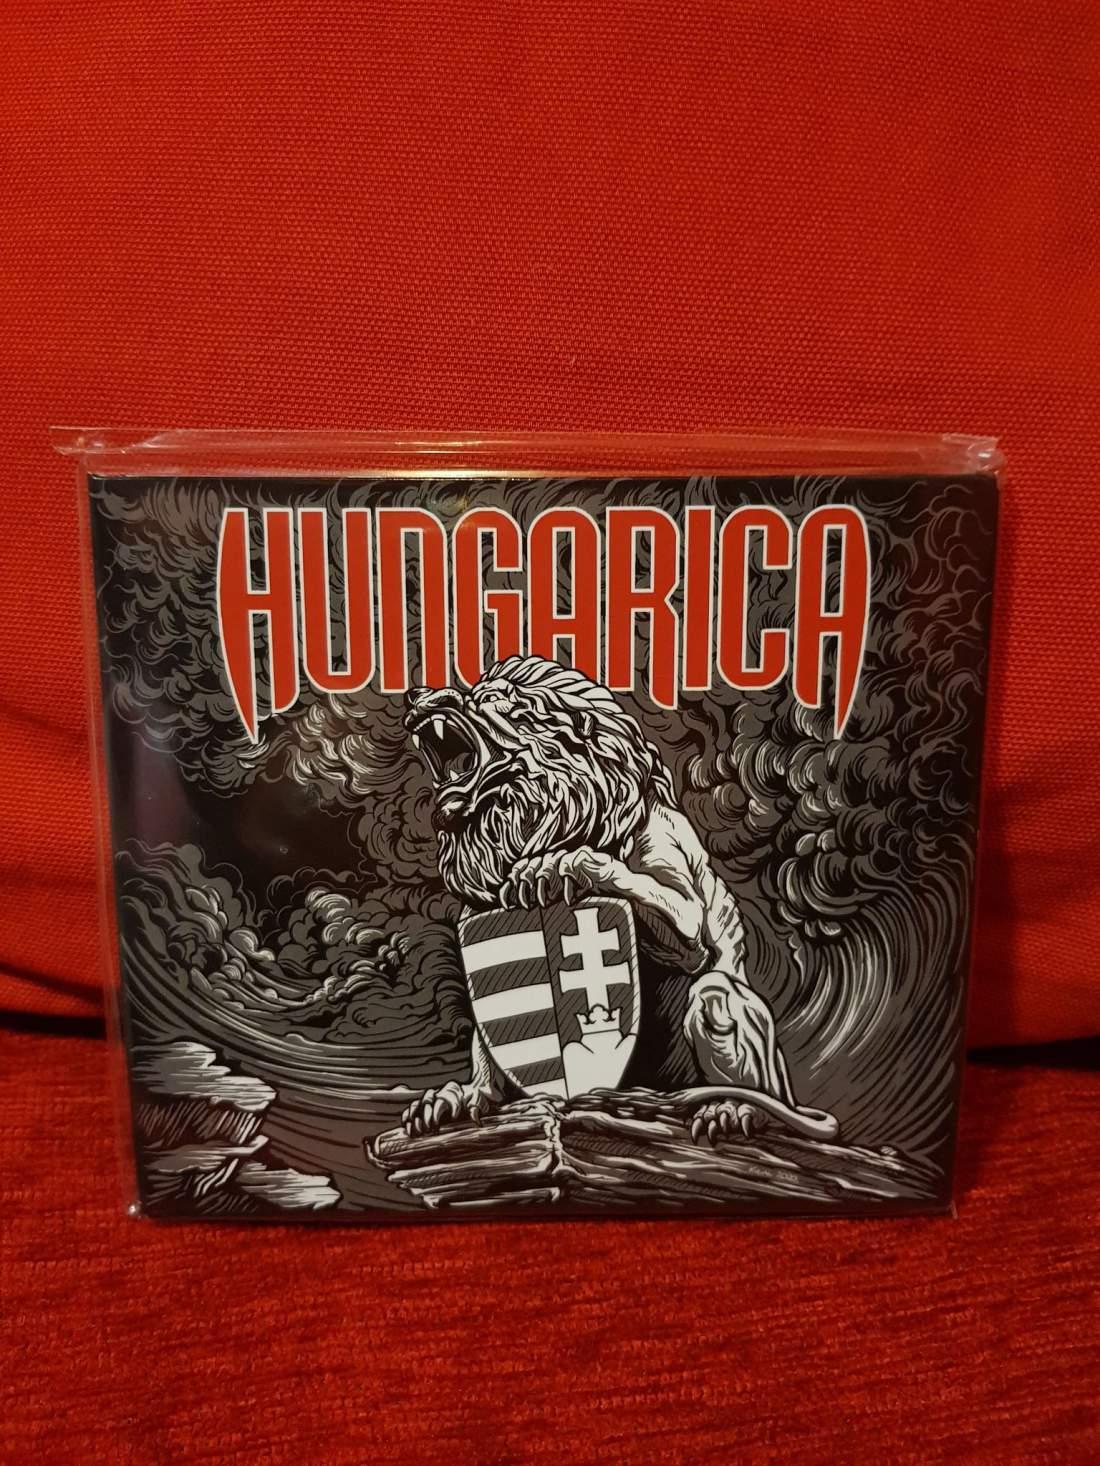 HUNGARICA - HUNGARICA CD